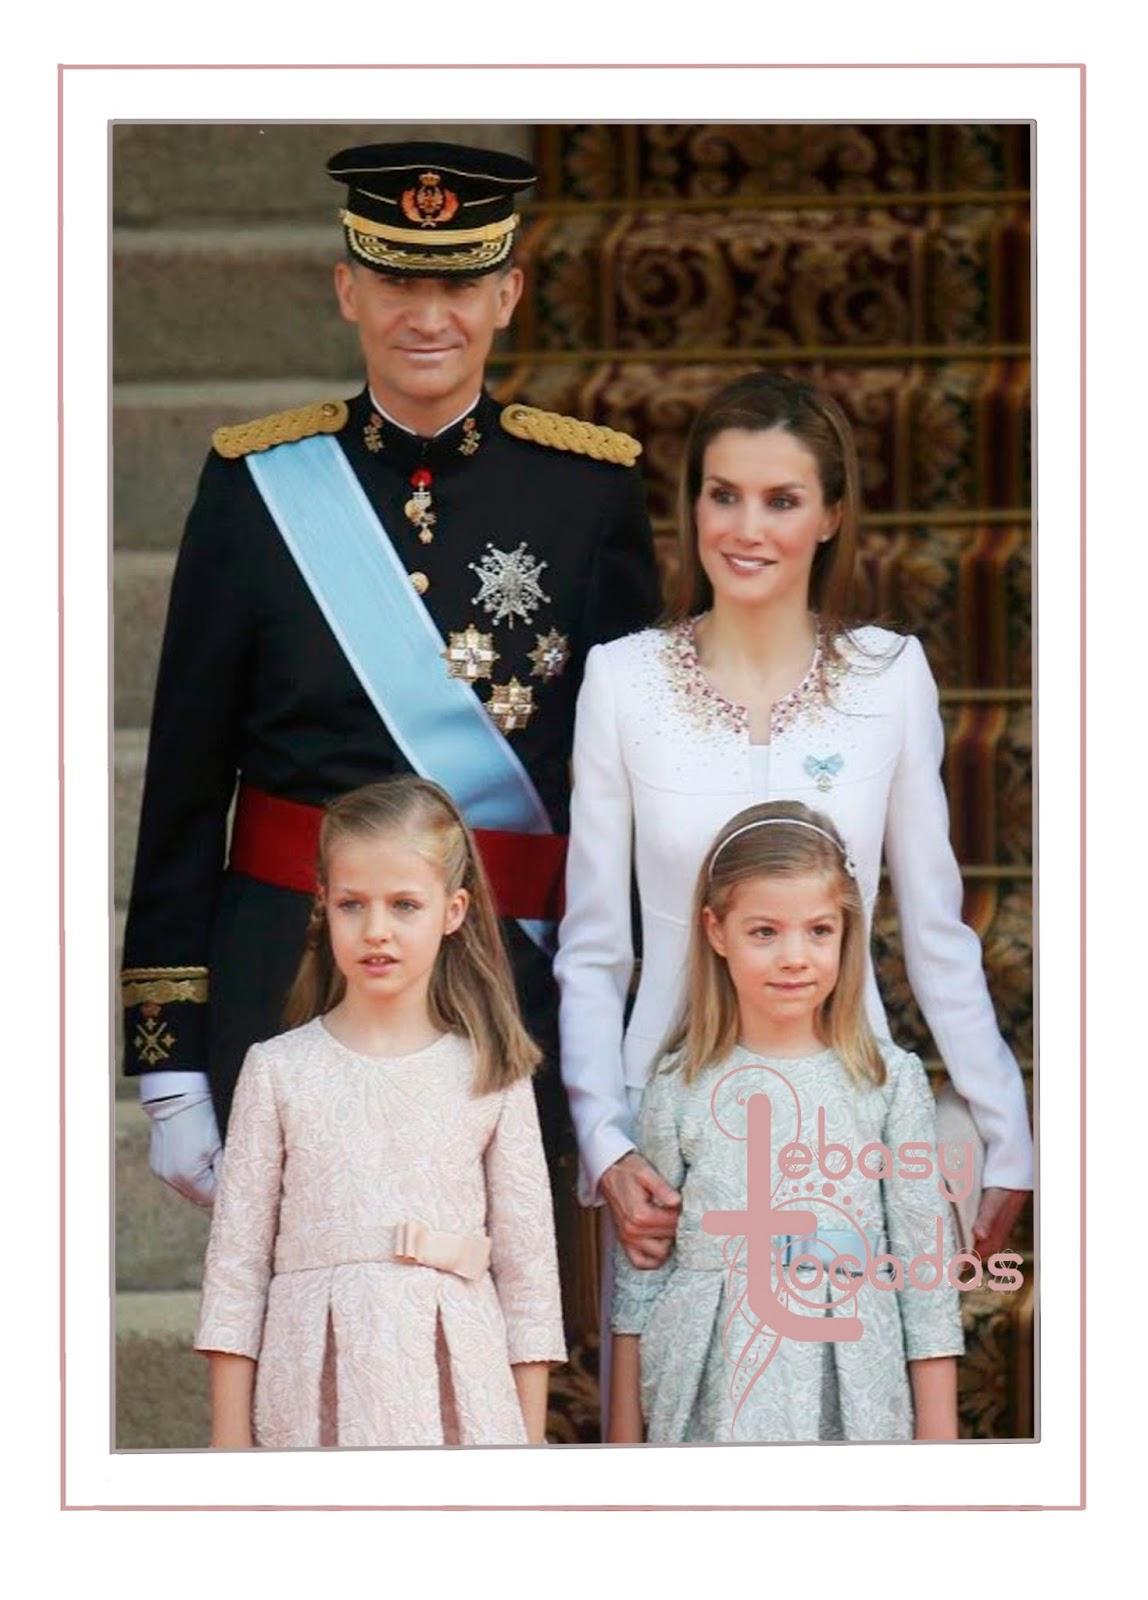 La Princesa de Asturias y su hermana la infanta Sofía junto a sus padres, los Reyes de España.